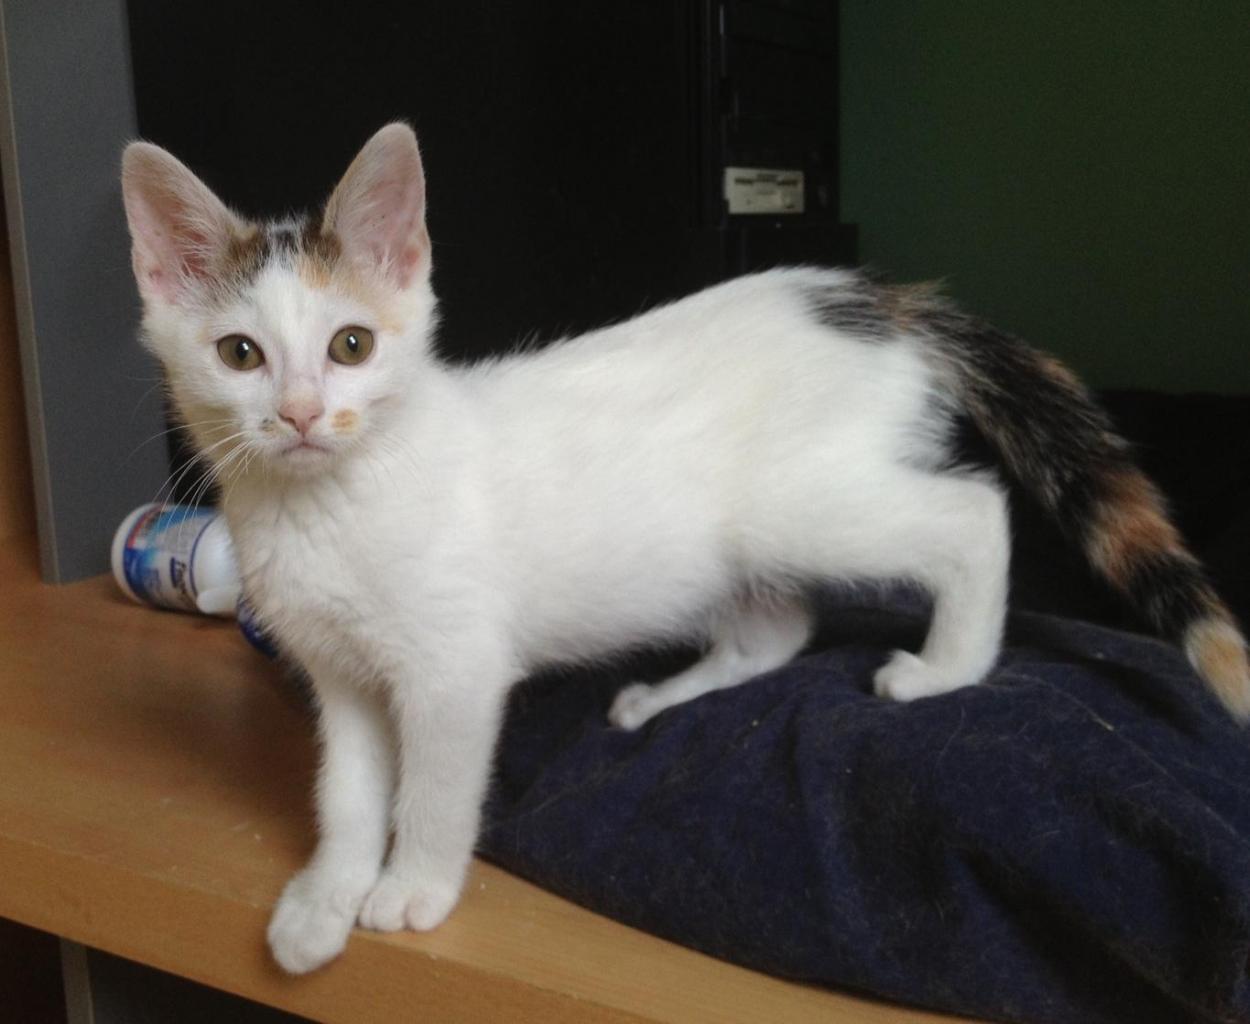 ISADORA - Née le 21/04/2013 - Adoptée en Fevrier 2014